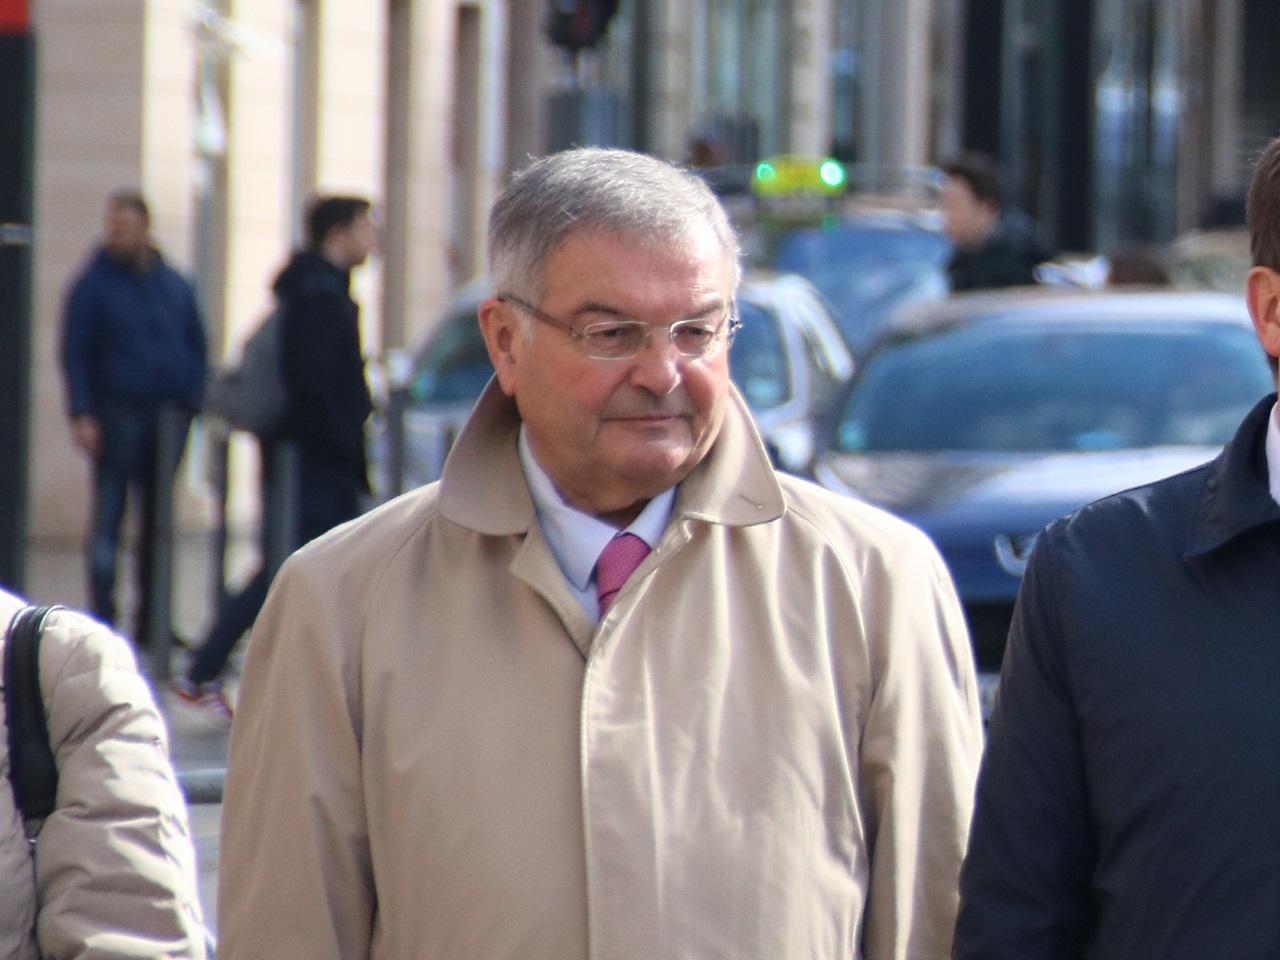 Présidentielle. Arthuis exclu de l'UDI en raison de son soutien à Macron